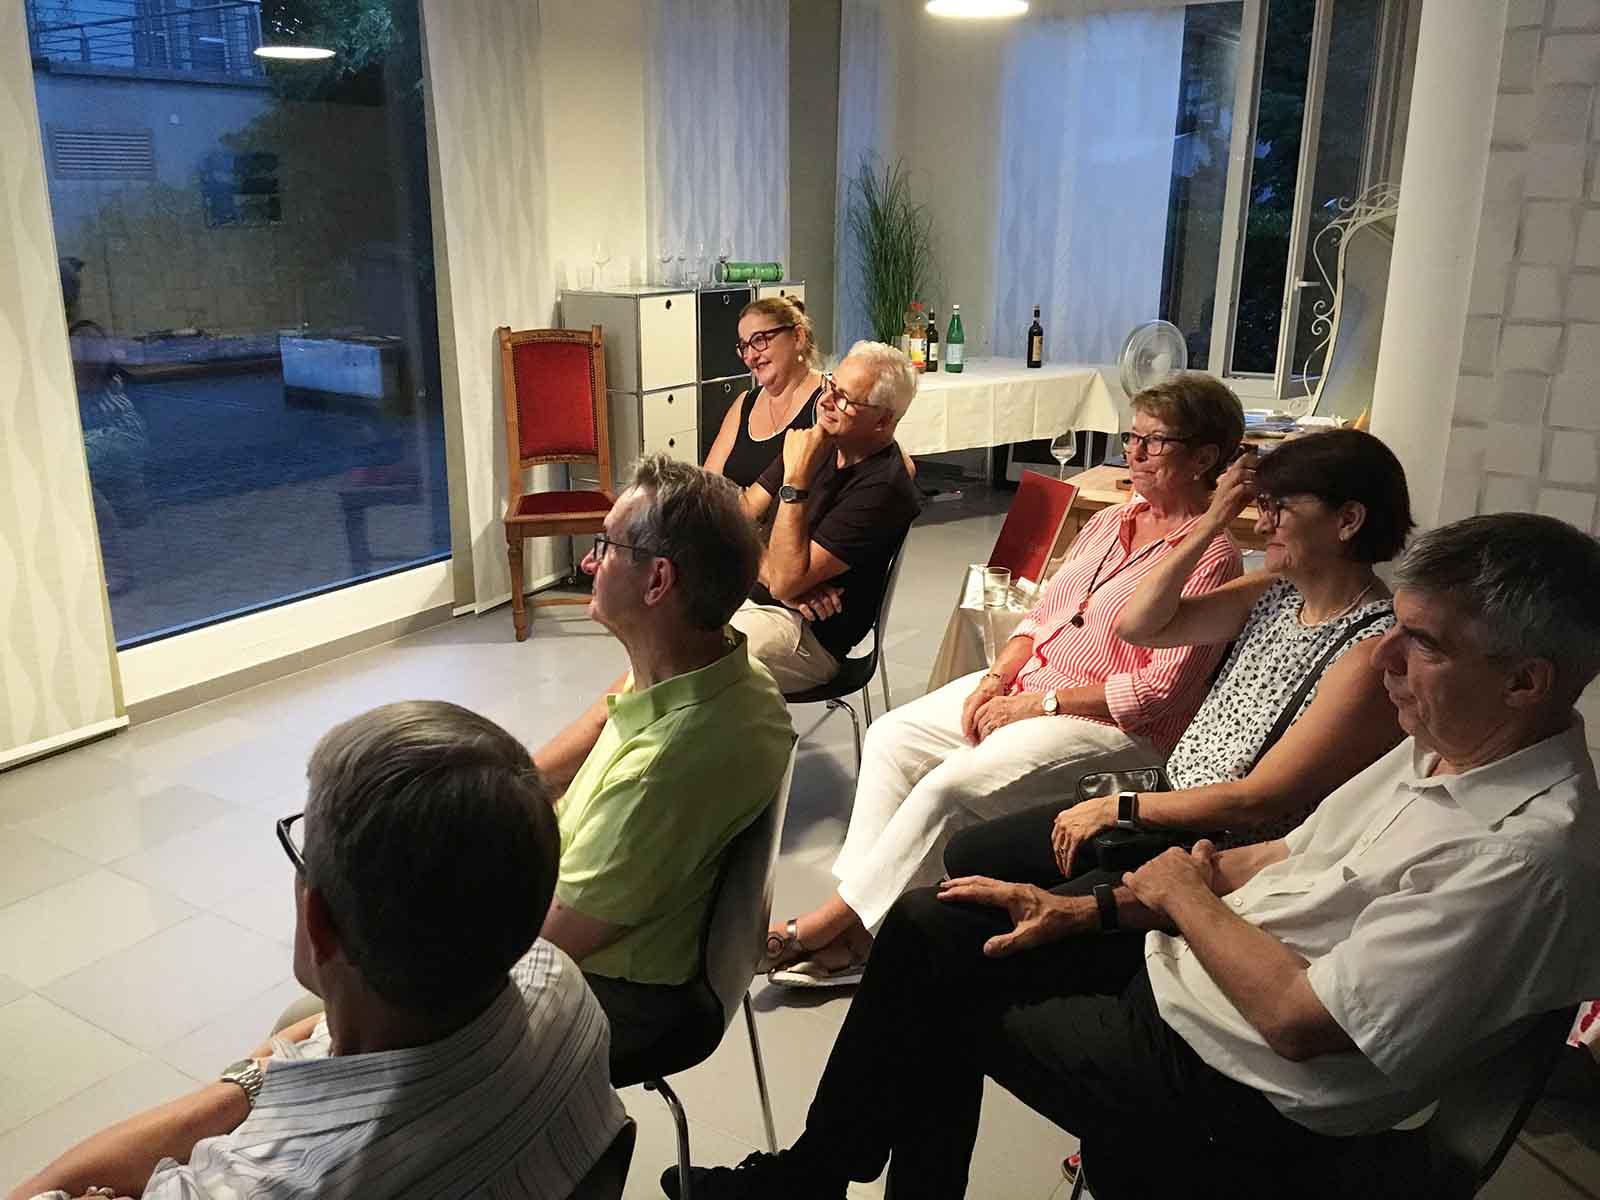 Sibylle Baumanns Erzählungen entführen die Zuhörer*innen in ferne Welten und Zeiten.